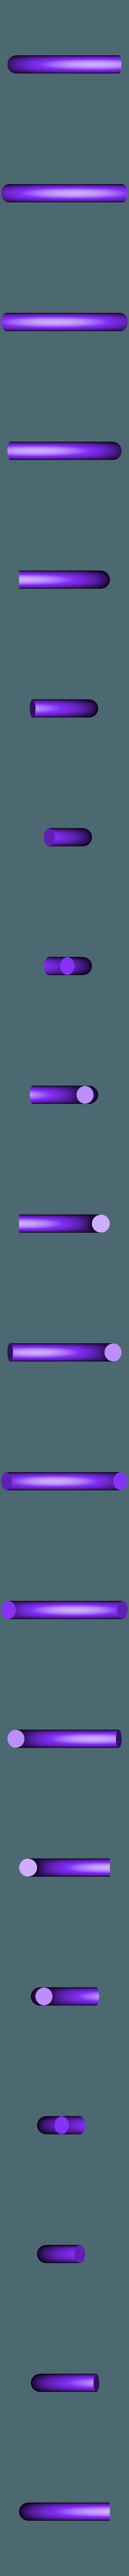 axle_2_90.STL Télécharger fichier STL gratuit MEGA Expansion 200+ Pièces • Plan à imprimer en 3D, Pwentey